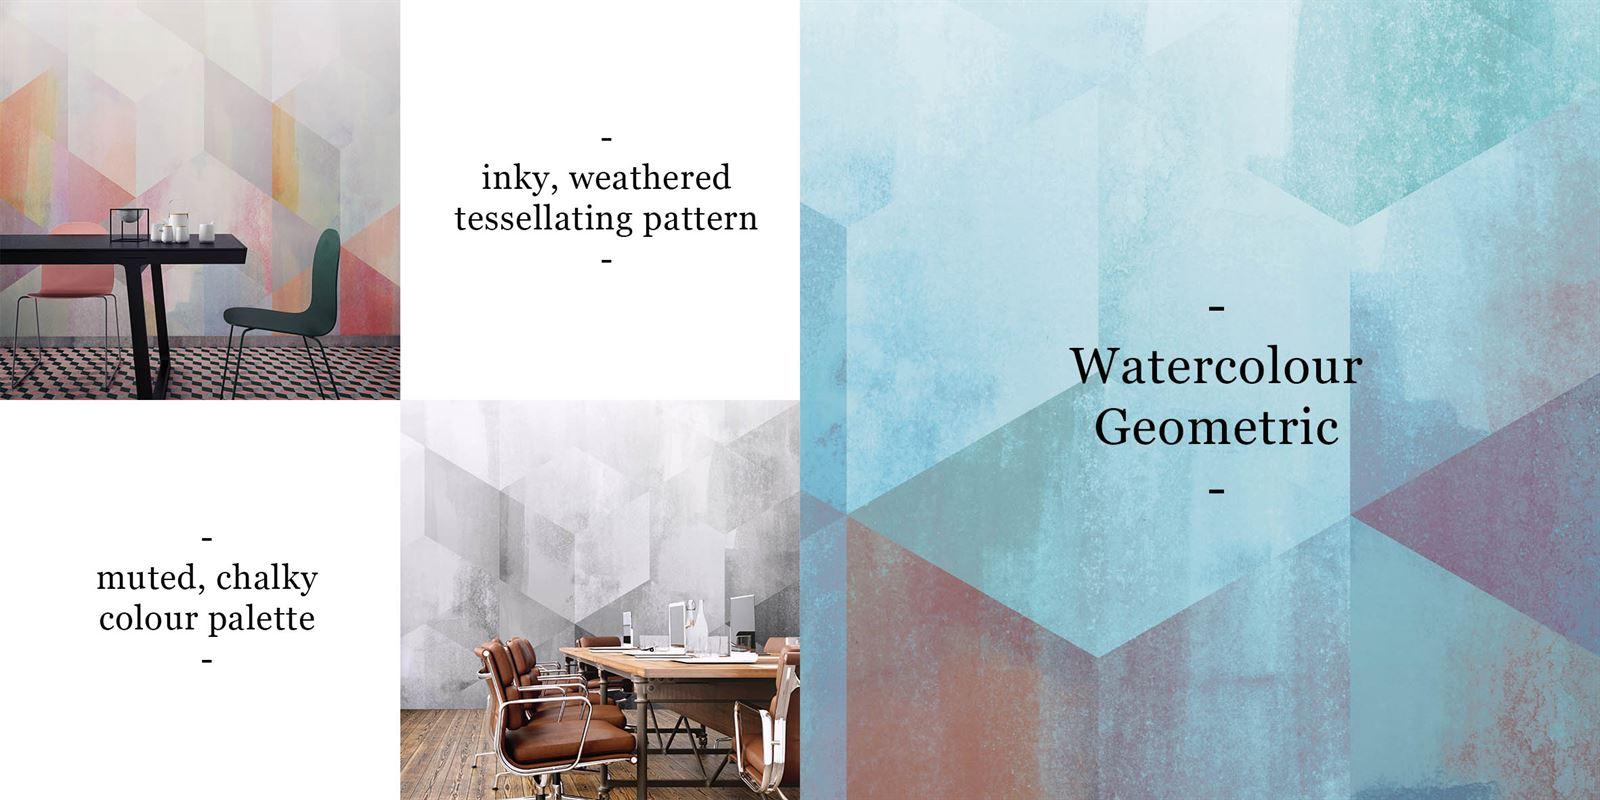 watercolour-geometric